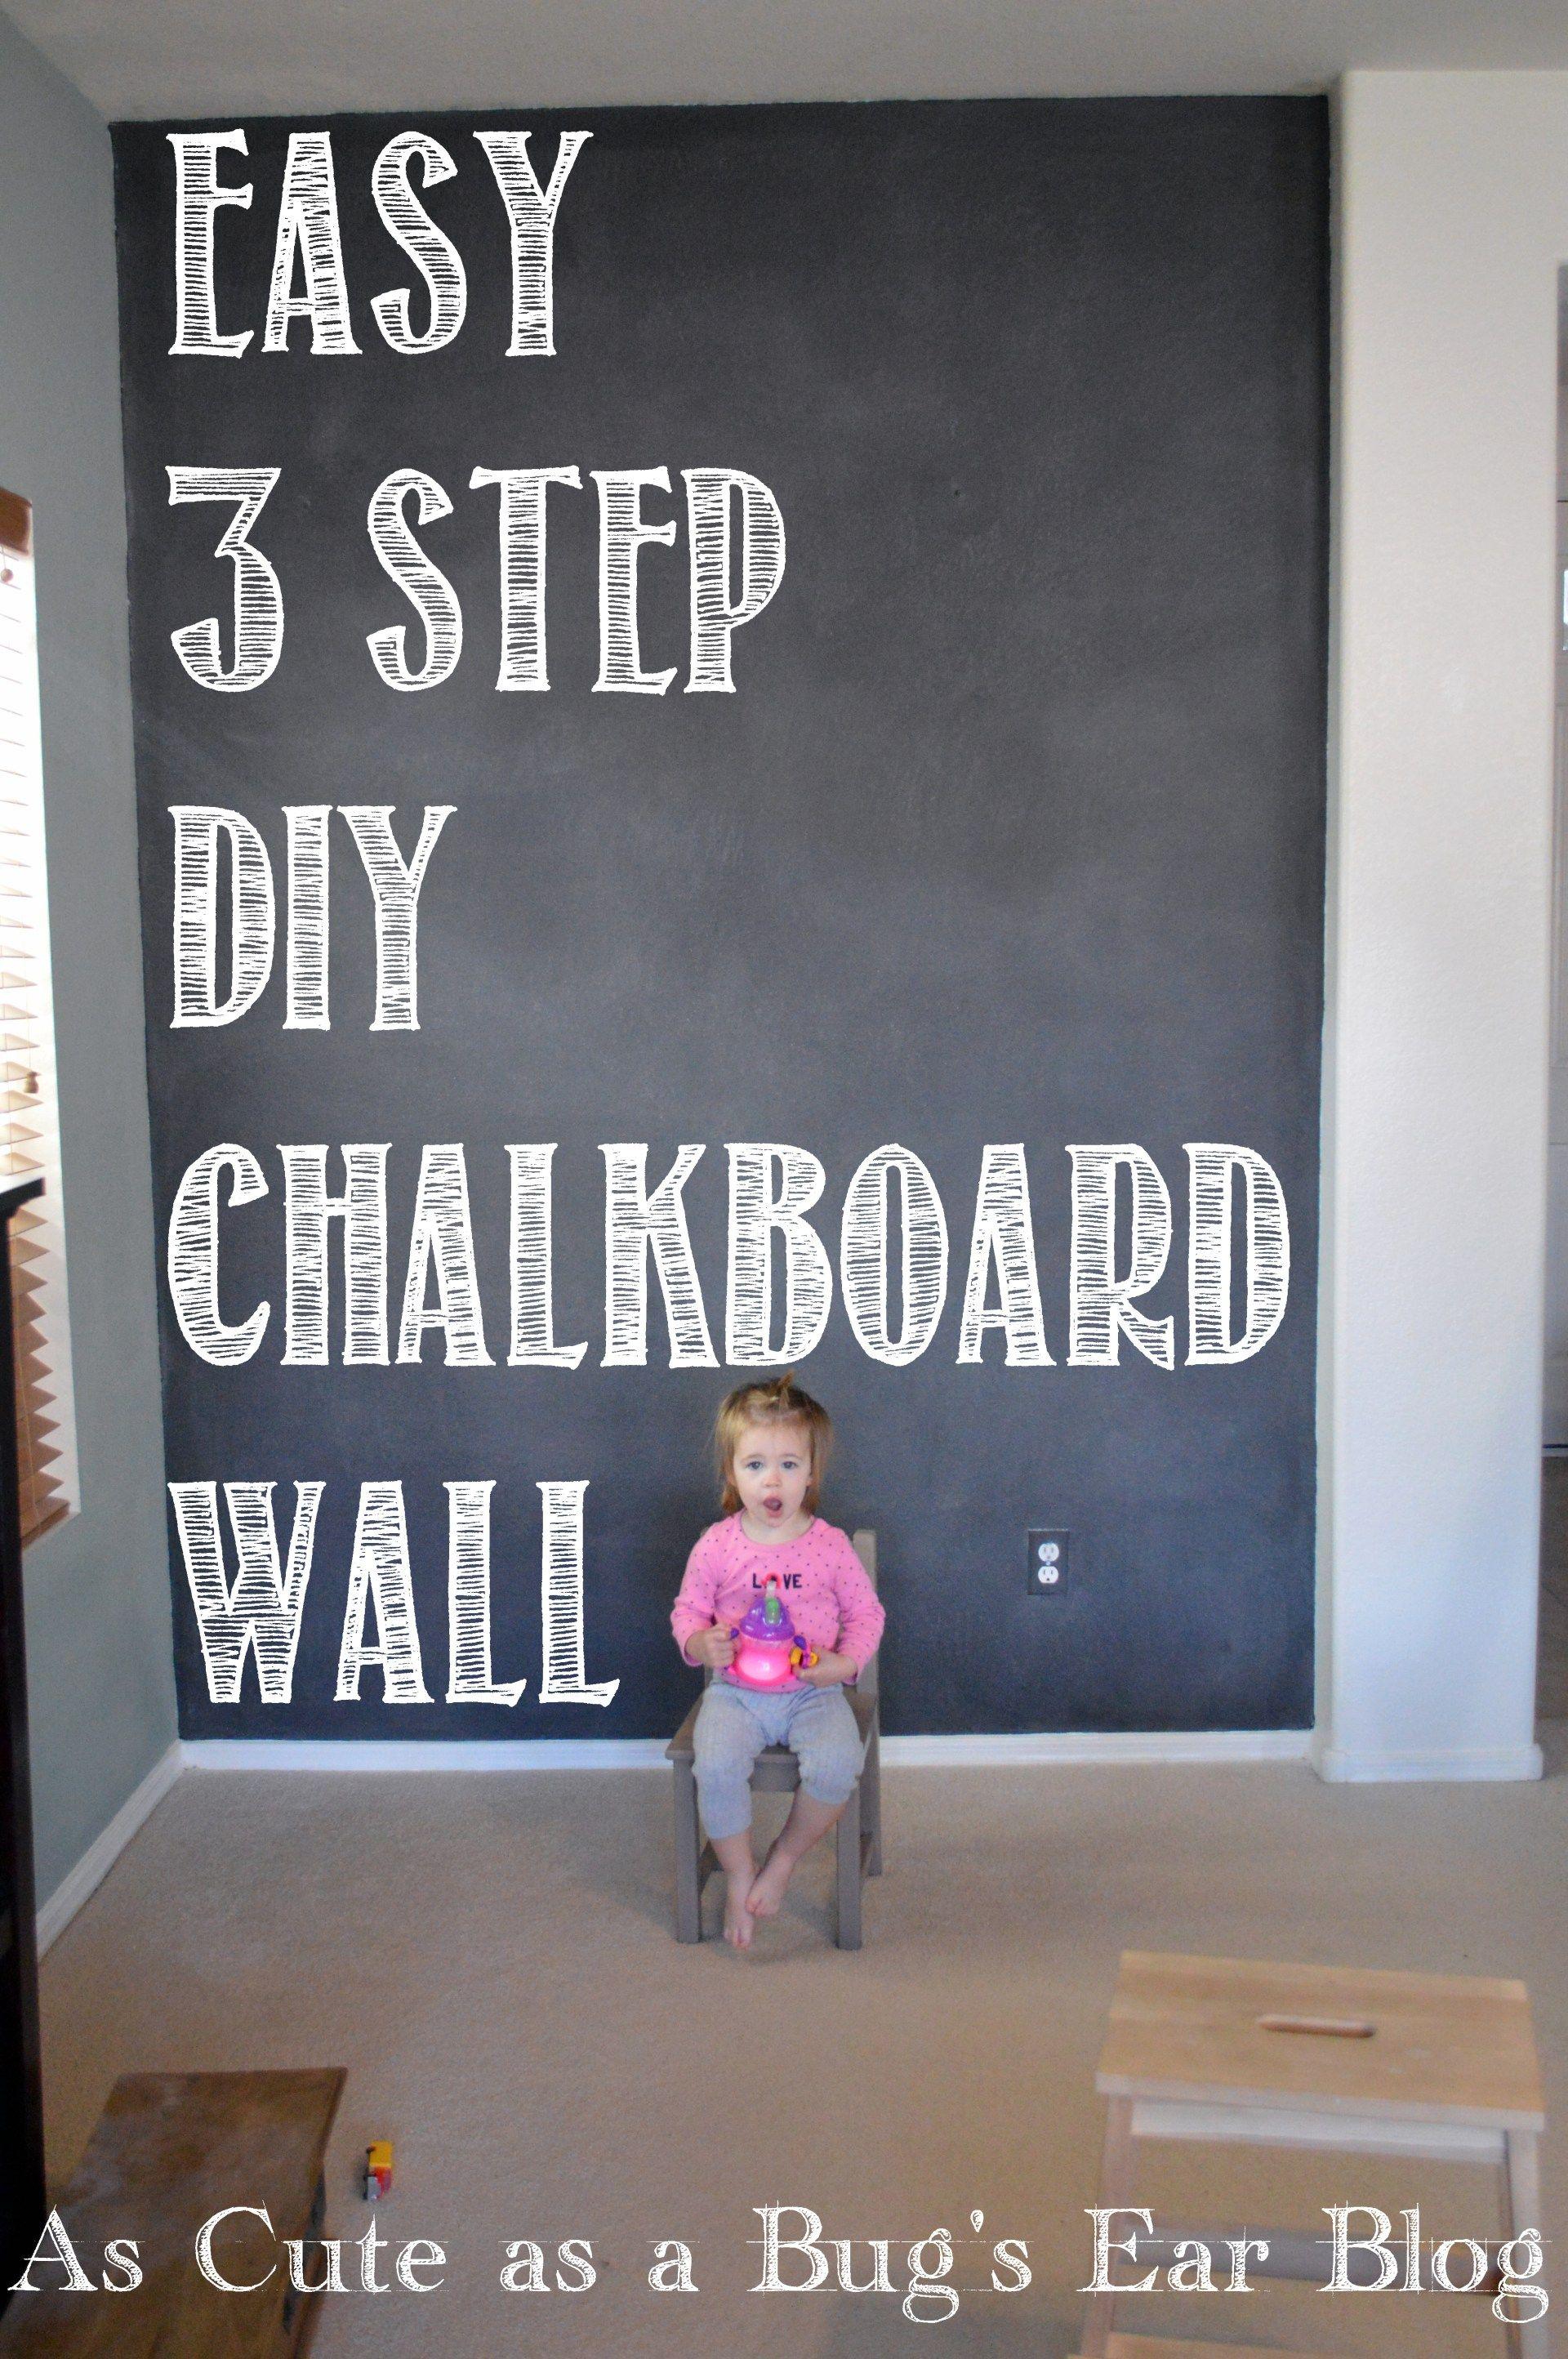 Easy 3 step diy chalkboard wall jenkins house ideas - Chalk paint wall ideas ...